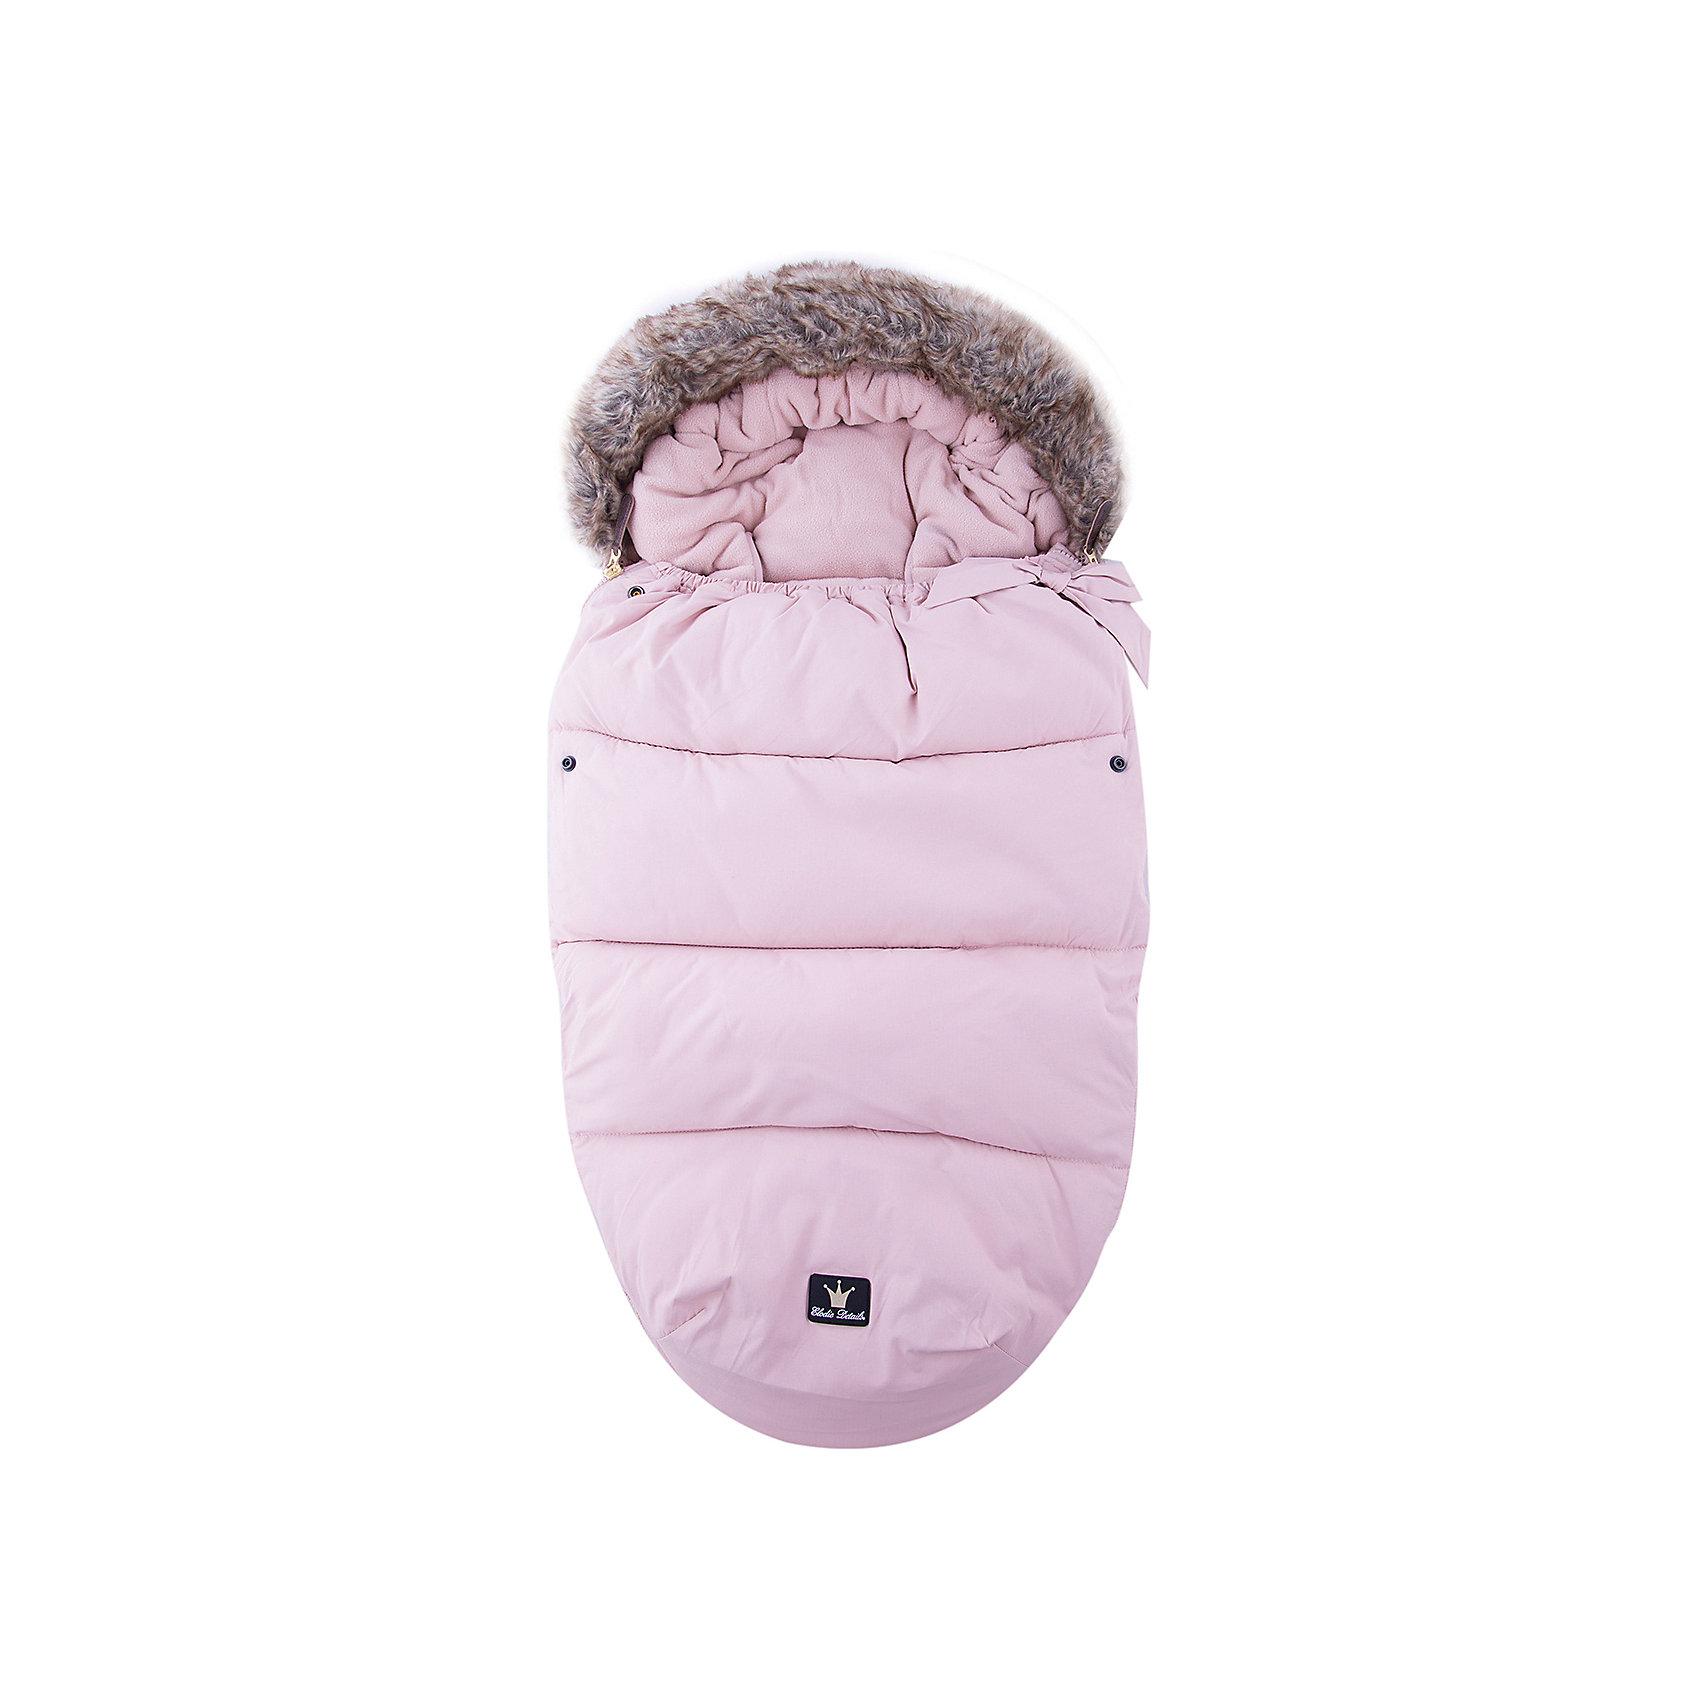 Конверт зимний с опушкой в коляску Powder Pink, Elodie DetailsКонверт зимний с опушкой в коляску Powder Pink, Elodie Details<br><br>Характеристики:<br><br>• Сезон: зима для температуры до -25 °C<br>• Цвет: пудрово-розовый .<br>• Материал верха: 60% вискоза, 40% полиуретан.<br>• Утеплитель: холлофайбер.<br>• Материал подклада: флис.<br>• Оторочка из искусственного меха Colar.<br>• Тип застежки: молния.<br><br>Размер:<br>- длина 110см;<br>- ширина 53см.<br><br>Конверт зимний с опушкой в коляску Powder Pink, Elodie Details–это новинка от шведского бренда Elodie Details. Теплый, легкий и удобный, он обеспечит вашему малышу оптимальный комфорт и тепло. Покрытие конверта изготовлено по новейшей технологии BIONIC-FINISH® ECO, благодаря чему надежно защищено от ветра, влаги и снега. Этот зимний конверт подходит к любому типу колясок. Верхняя часть конверта оторочена  искусственным мехом и может использоваться, как капюшон. Ножки ребенка остаются не зафиксированными. В качестве наполнителя в конверте использован  холлофайбер — инновационный, экологически чистый и гипоаллергенный материал, который обеспечивает качественное сохранение тепла. В конверте предусмотрены отверстия для 5-точечных ремней безопасности. Конверт зимний с опушкой в коляску Powder Pink, Elodie Details не требует специального ухода, его можно стирать в стиральной машине, используя указанный режим.<br>Зимние прогулки в таком конверте могут быть длительными и приятными!<br><br><br>Конверт зимний с опушкой в коляску Powder Pink, Elodie Details, можно купить в нашем интернет - магазине.<br><br>Ширина мм: 1100<br>Глубина мм: 530<br>Высота мм: 60<br>Вес г: 900<br>Возраст от месяцев: 0<br>Возраст до месяцев: 24<br>Пол: Женский<br>Возраст: Детский<br>SKU: 5077472